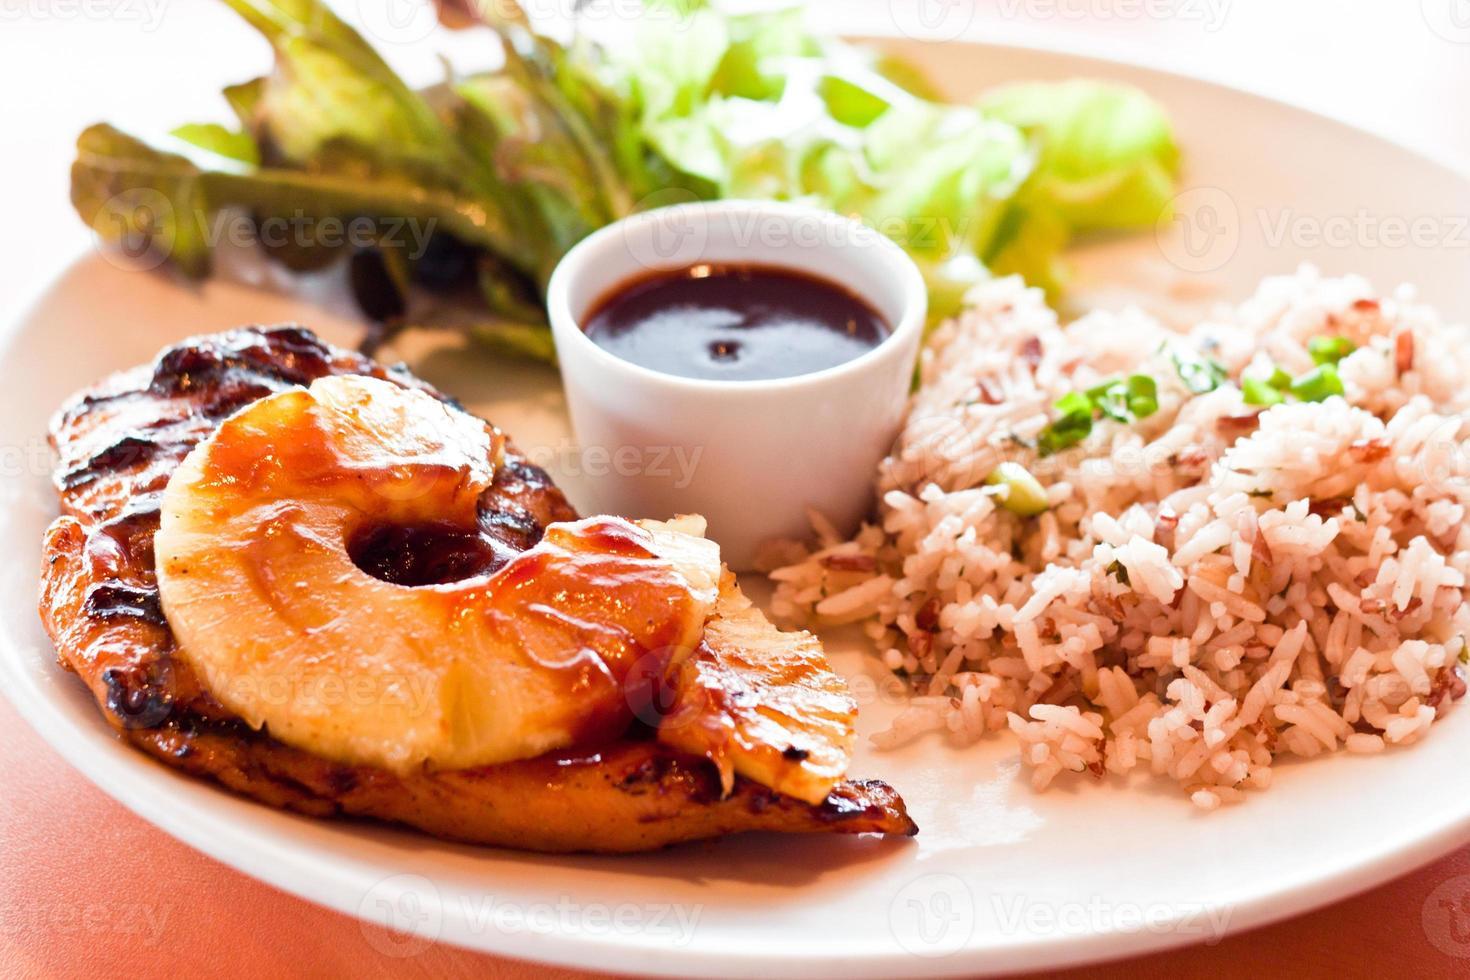 gastronomische gegrilde biefstuk foto